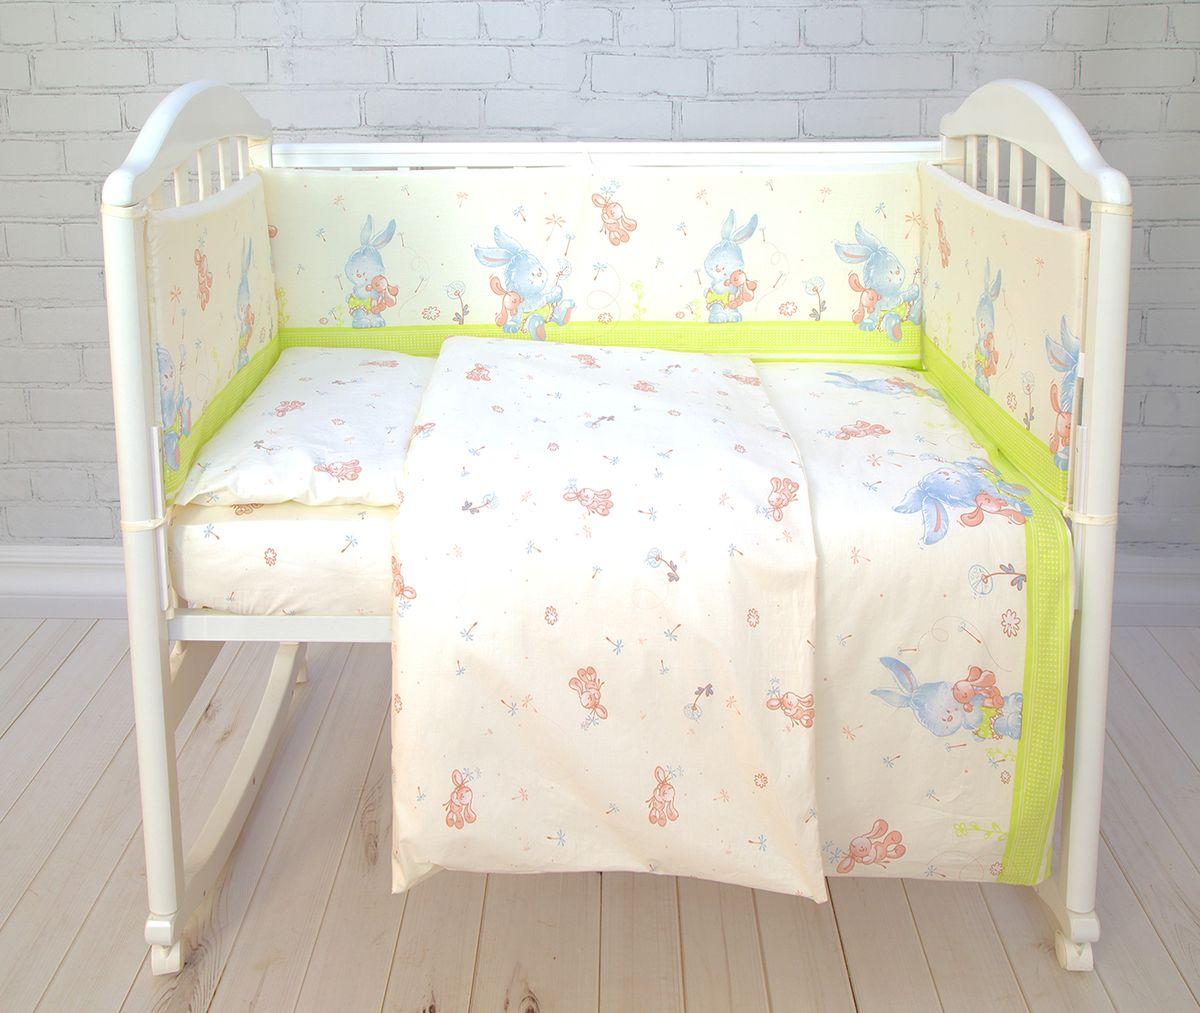 Baby Nice Комплект белья для новорожденных Зайка цвет салатовый1068-4Борт в кроватку Baby Nice (его ещё называют бампер) является отличной защитой малыша от сквозняков и ударов при поворотах в кроватке. Ткань верха: 100% хлопок, наполнитель: экологически чистый нетканый материал для мягкой мебели - периотек. Дизайны бортов сочетаются с дизайнами постельного белья, так что, можно самостоятельно сделать полный комплект, идеальный для сна. Борта в кроватку - мягкие удобные долговечные: надежная и эстетичная защита вашего ребенка! Состав комплекта: 4-е стороны: 120х35 - 2 шт, 60х35 - 2 шт.